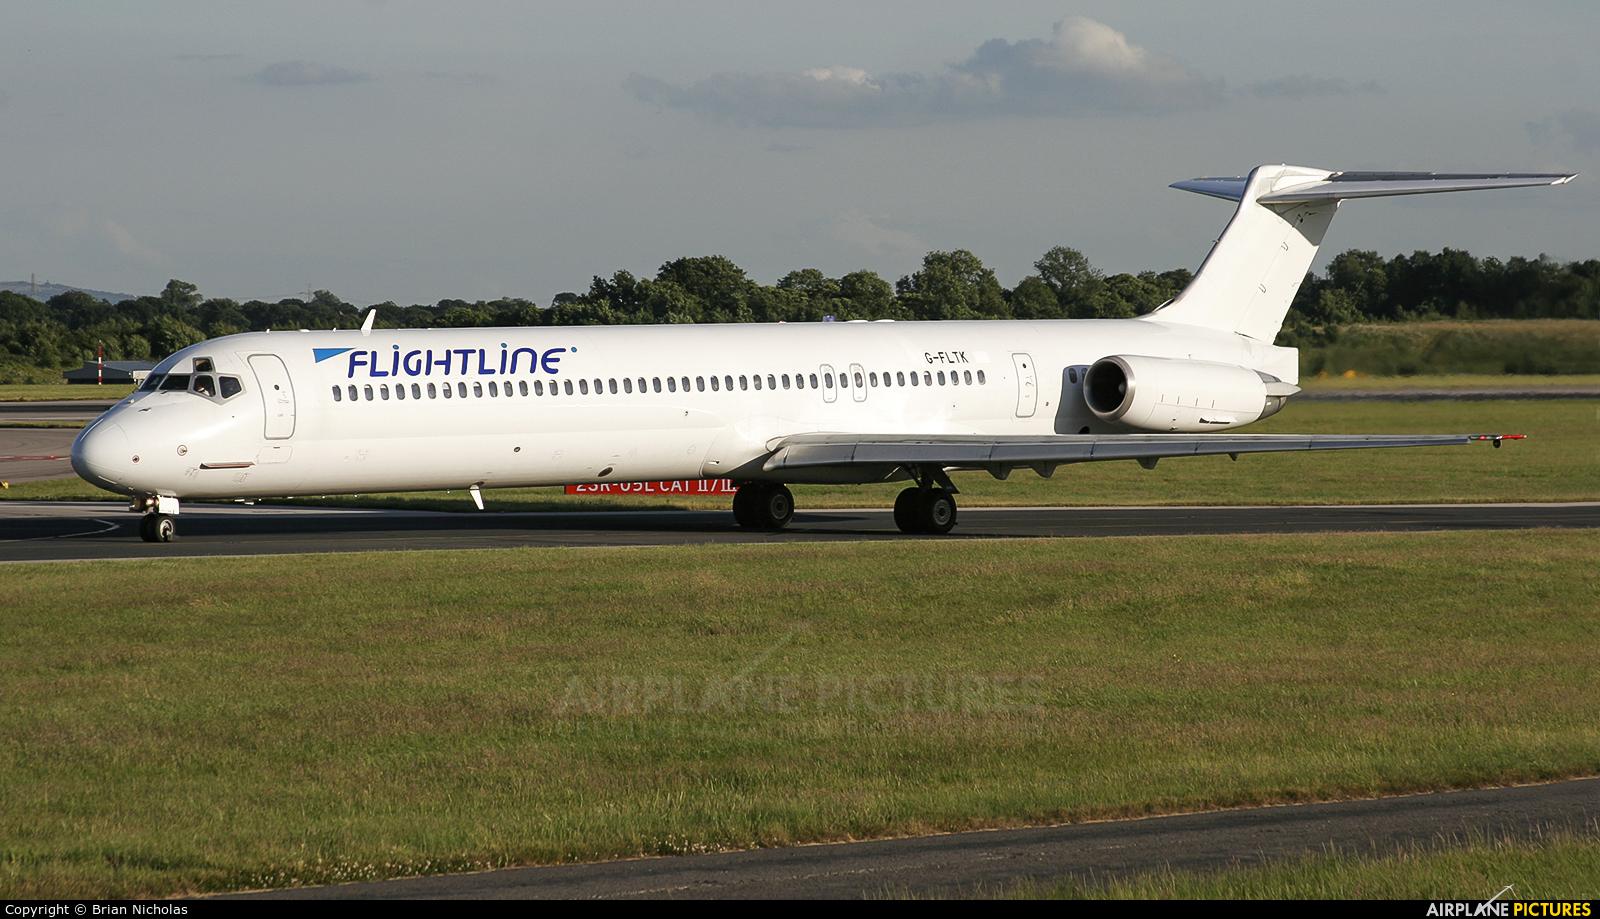 Flightline G-FLTK aircraft at Manchester